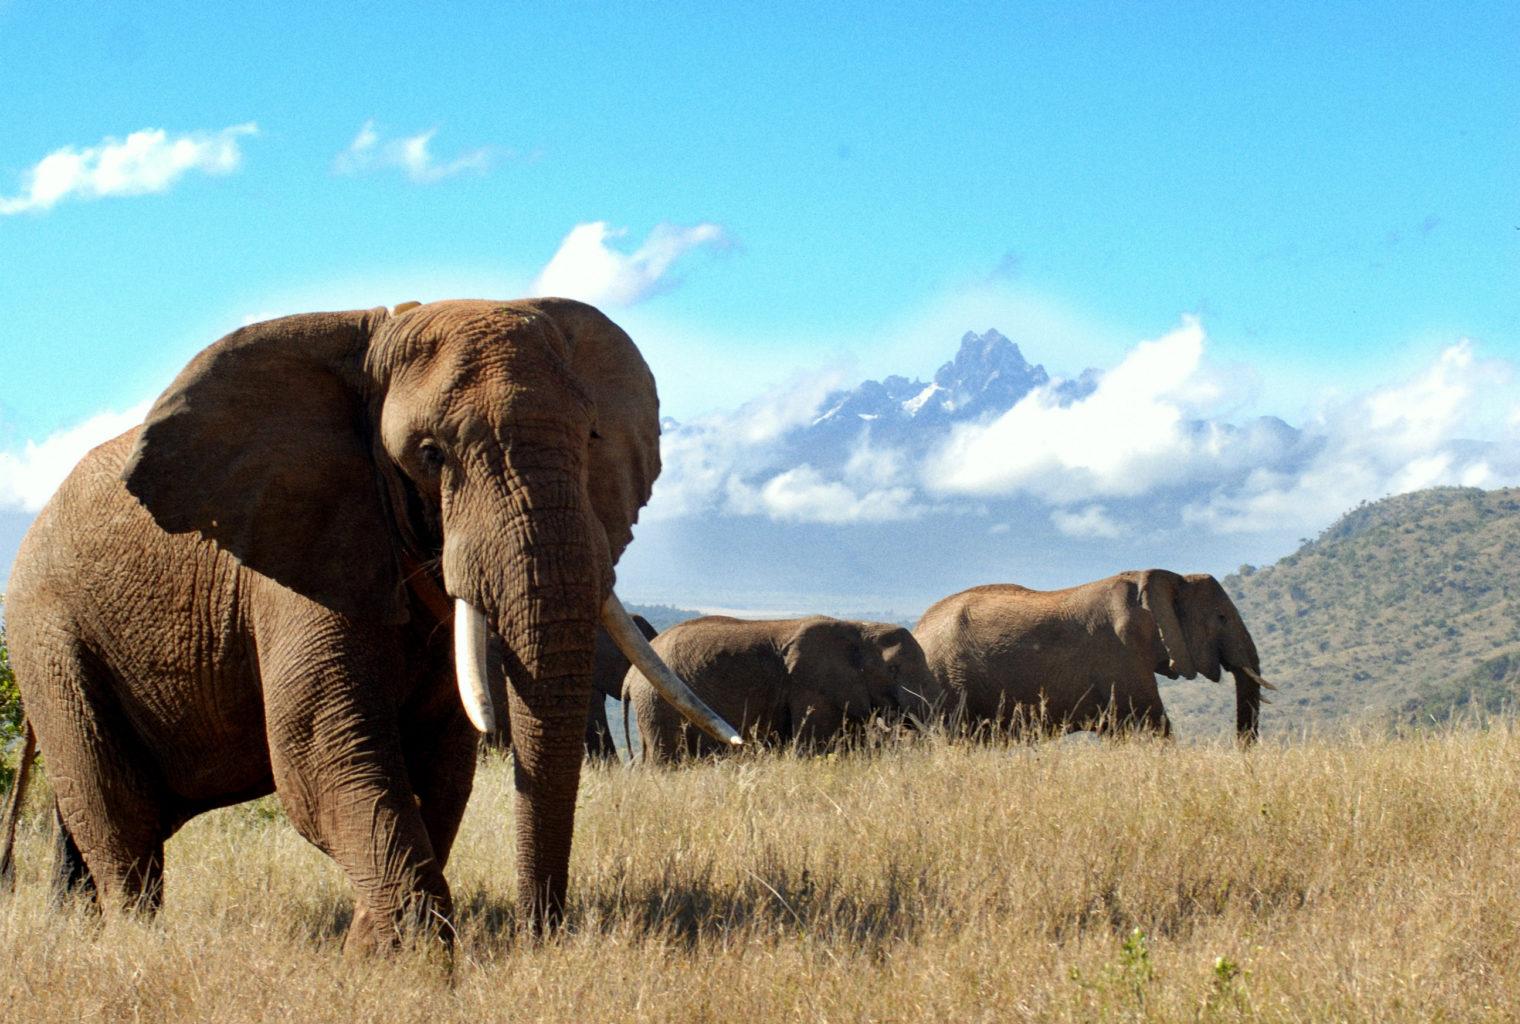 Watching Elephants Kenya